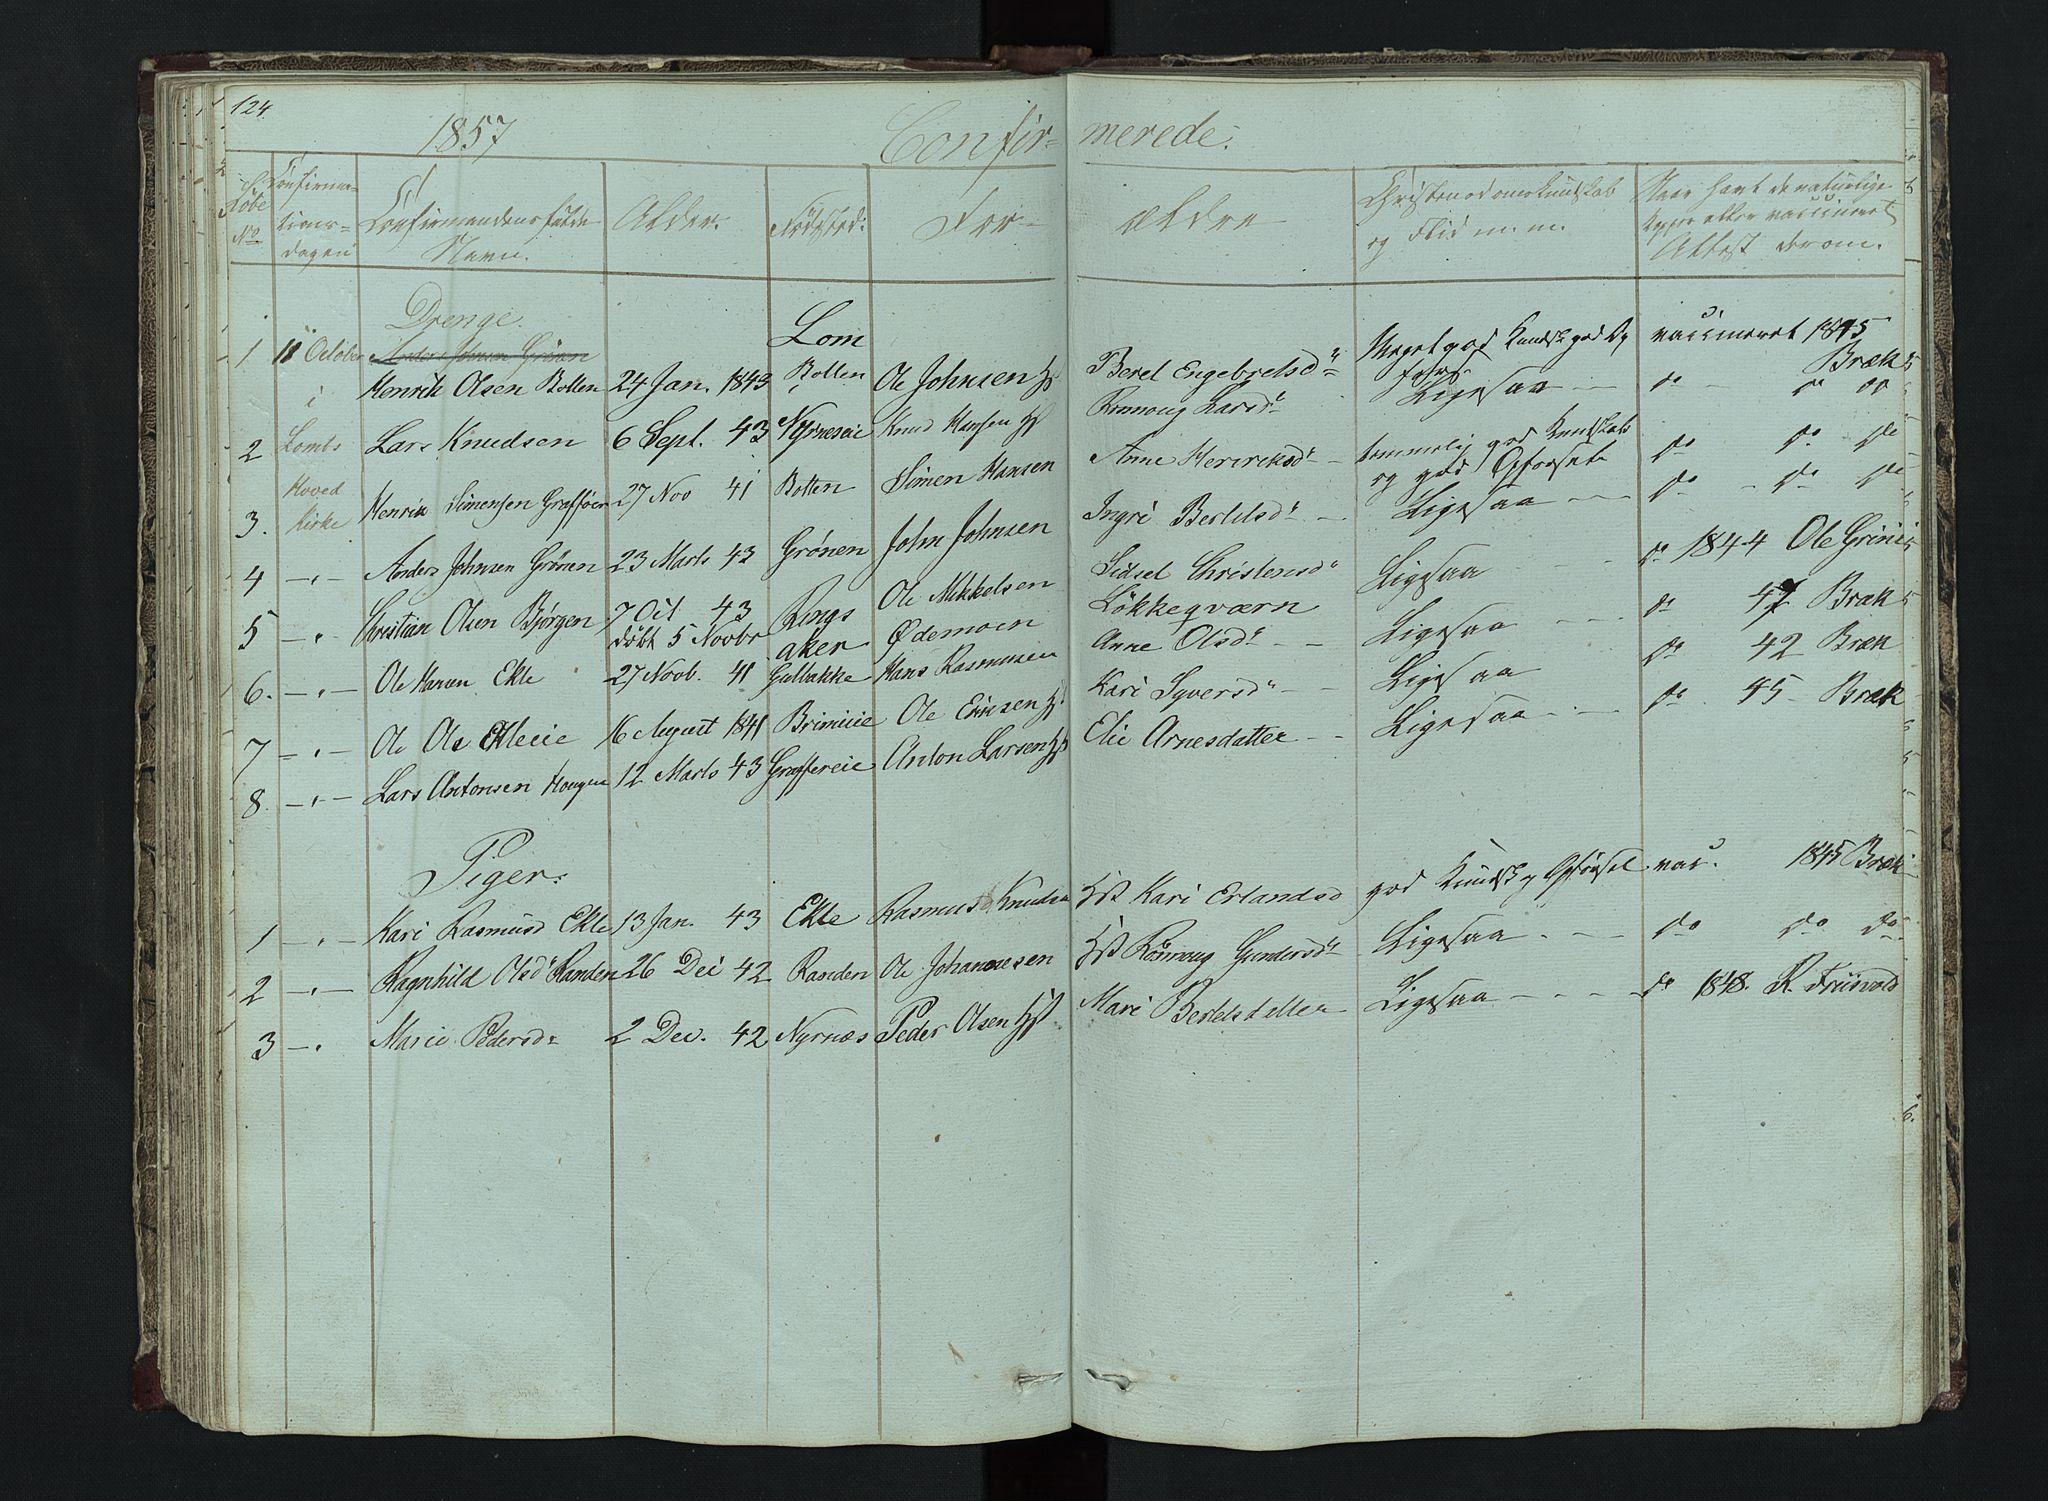 SAH, Lom prestekontor, L/L0014: Klokkerbok nr. 14, 1845-1876, s. 124-125